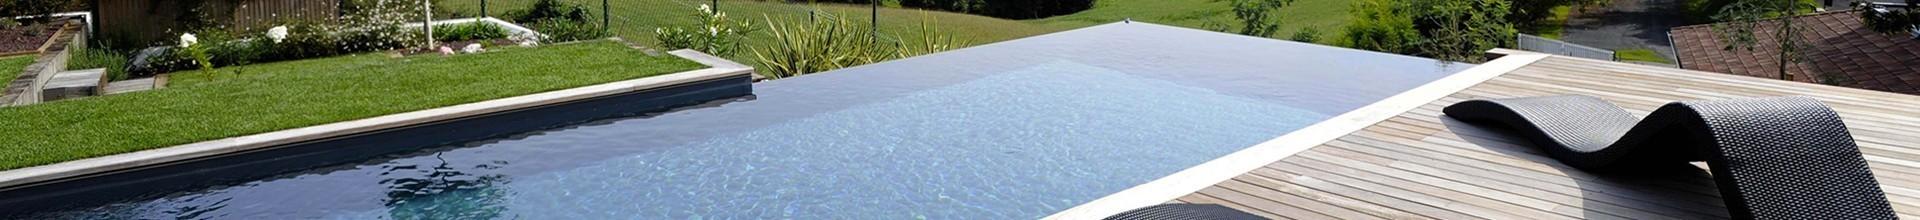 Direct usine, piscine coque prix Saint-Gall